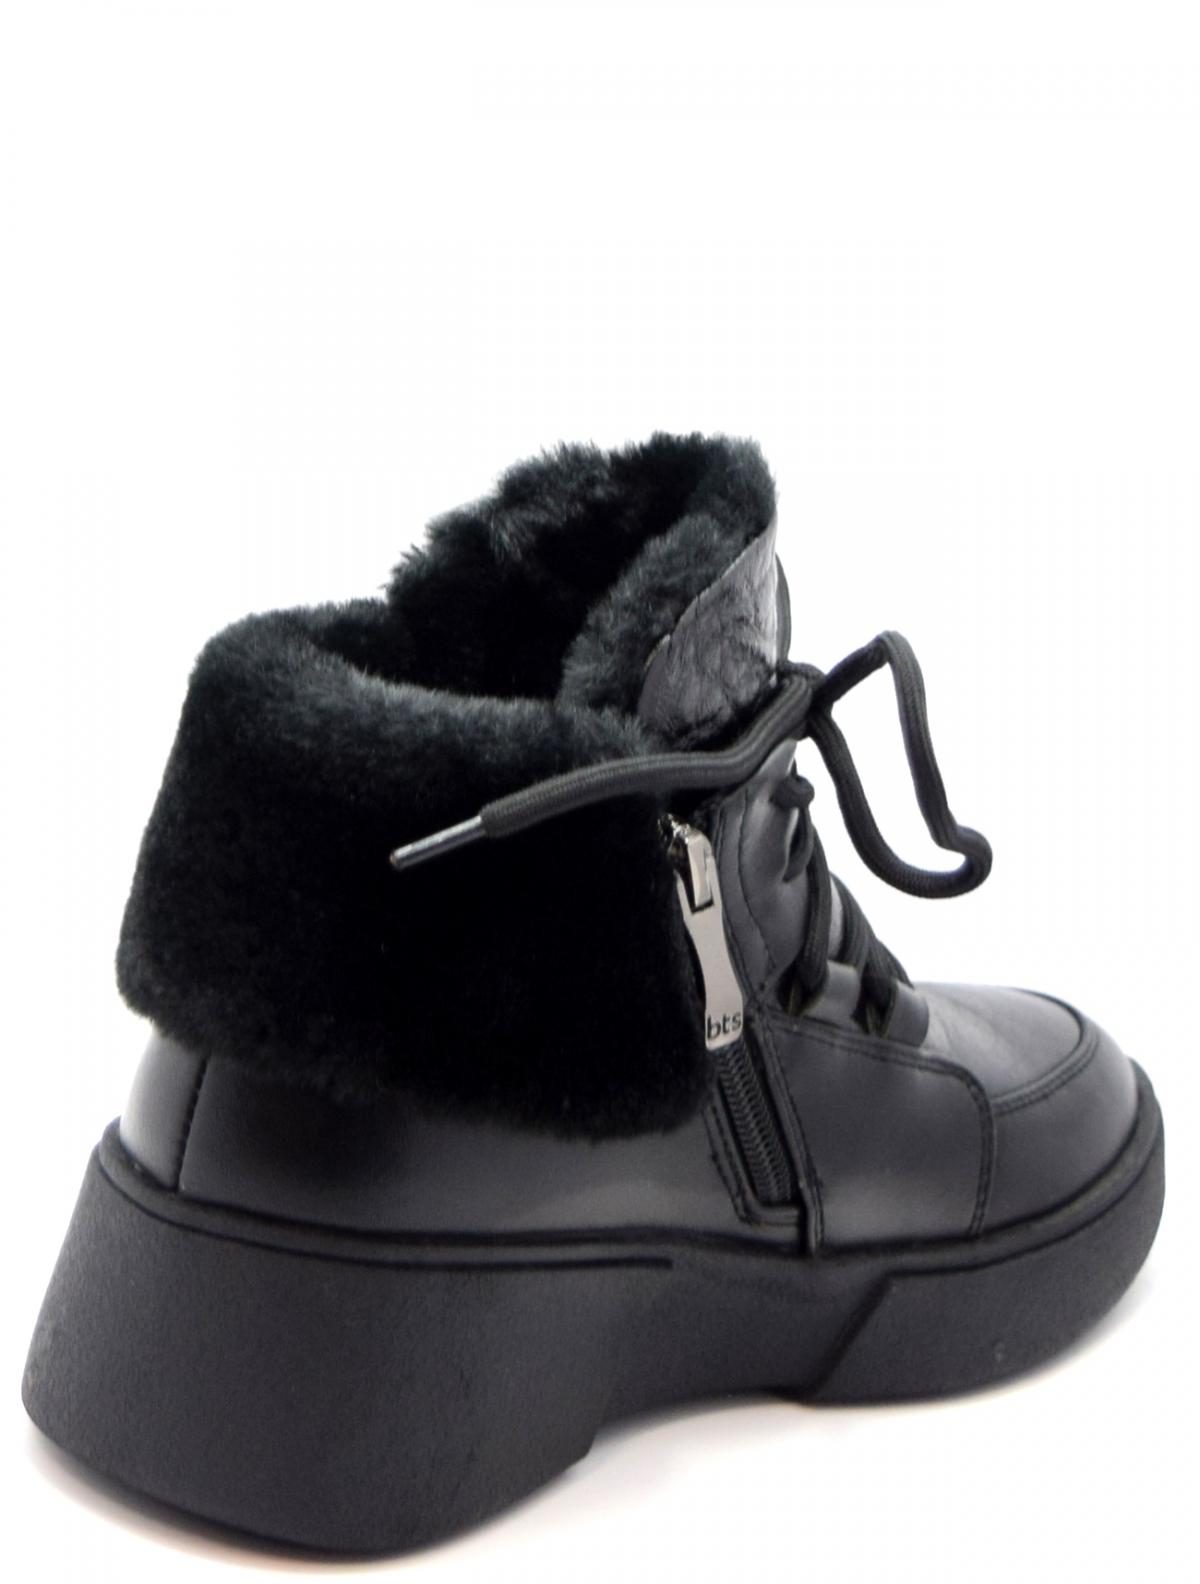 Betsy 908363/08-02 ботинки для девочки